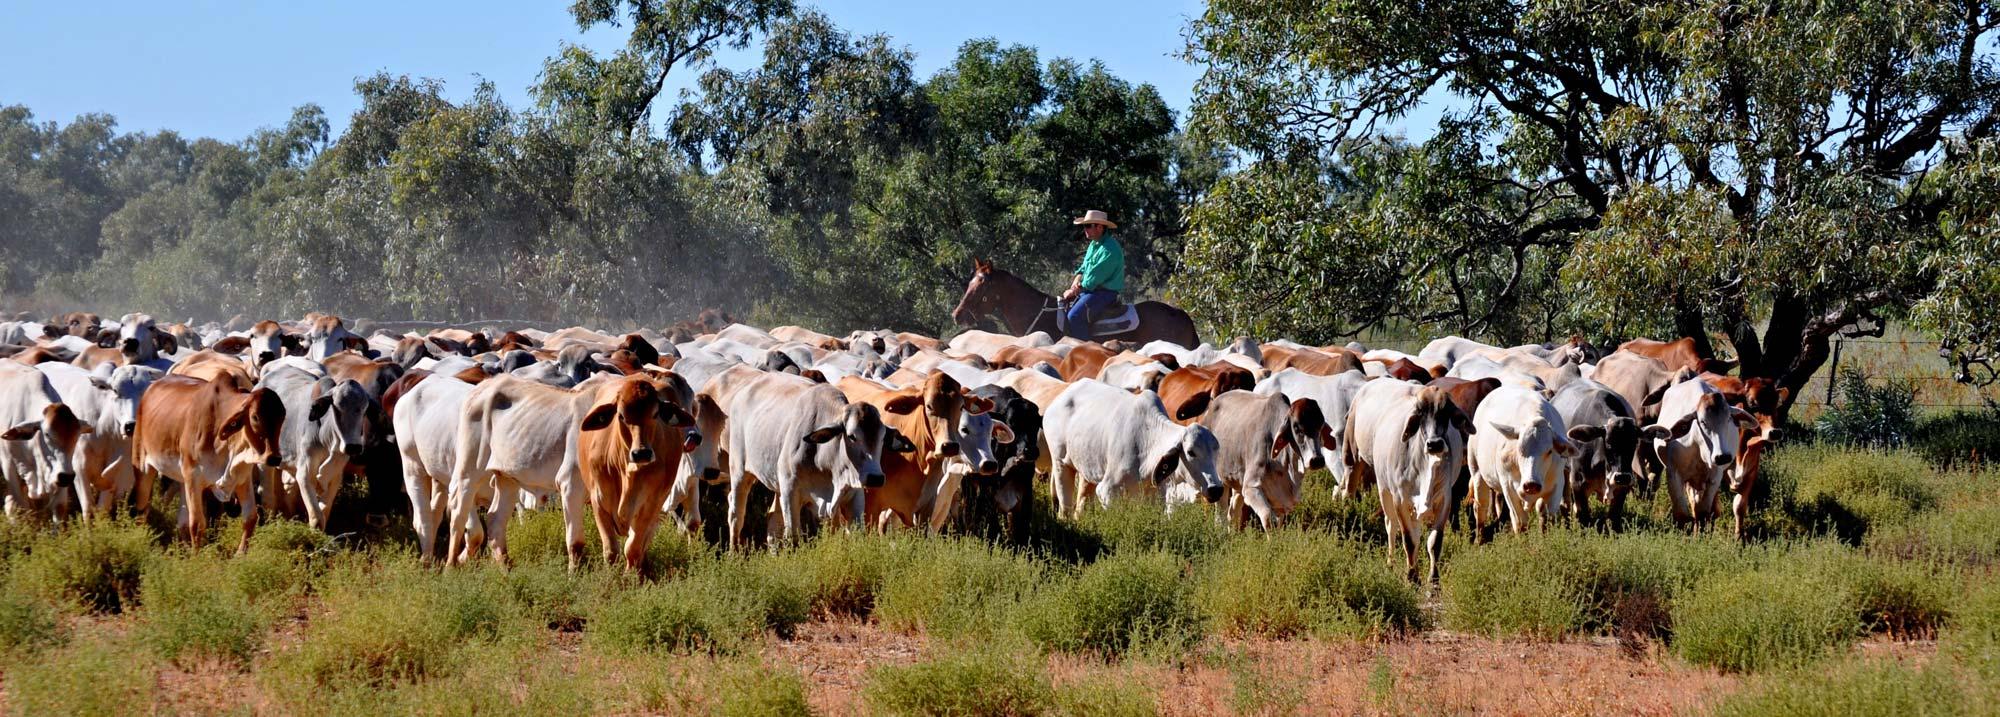 Davenport Cattle